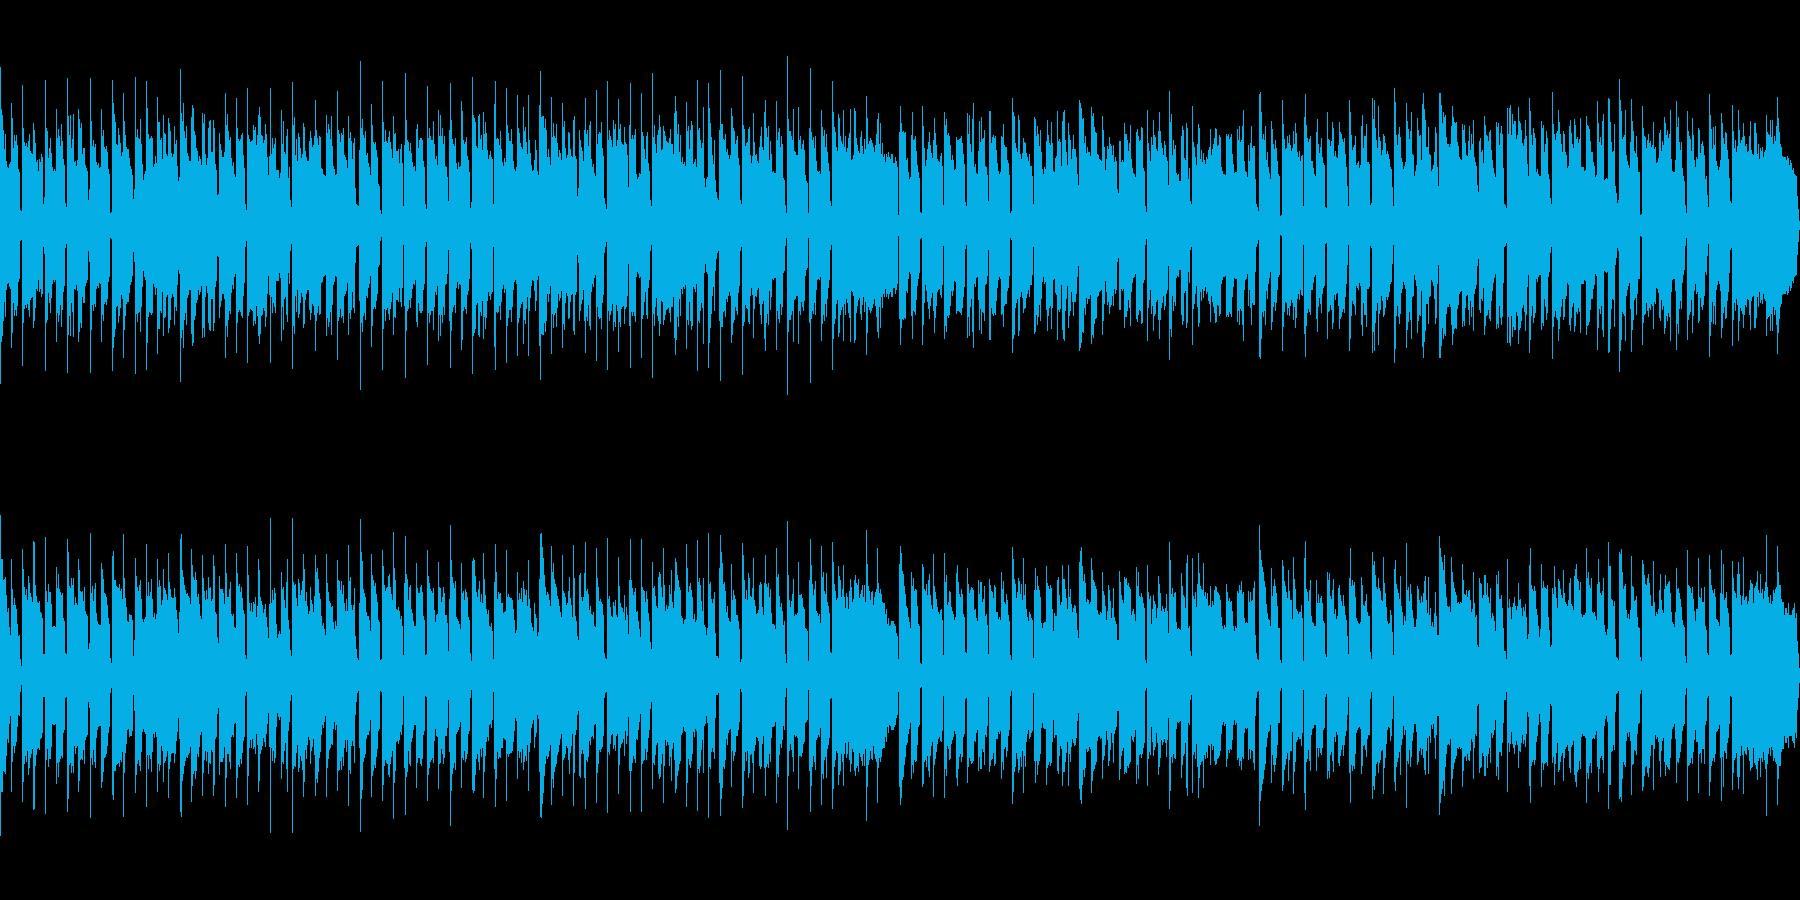 「威風堂々」ほのぼのアレンジの再生済みの波形